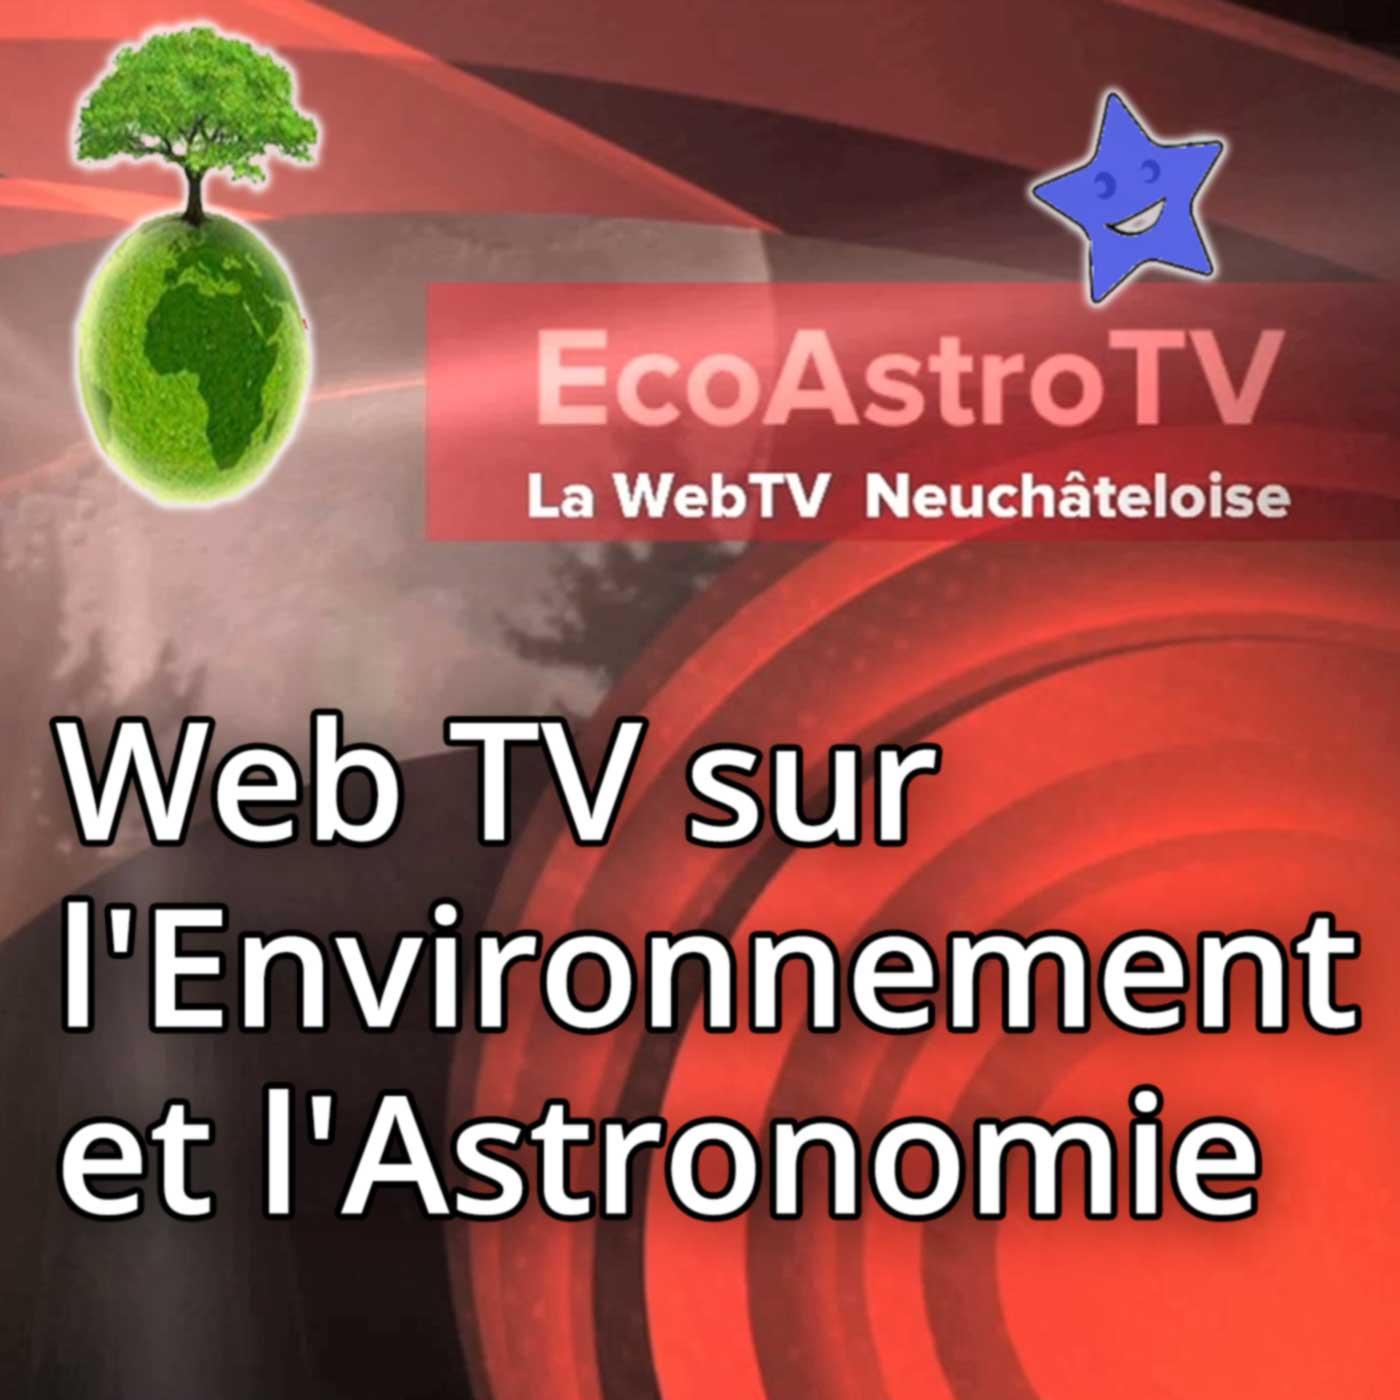 EcoAstroTV.ch